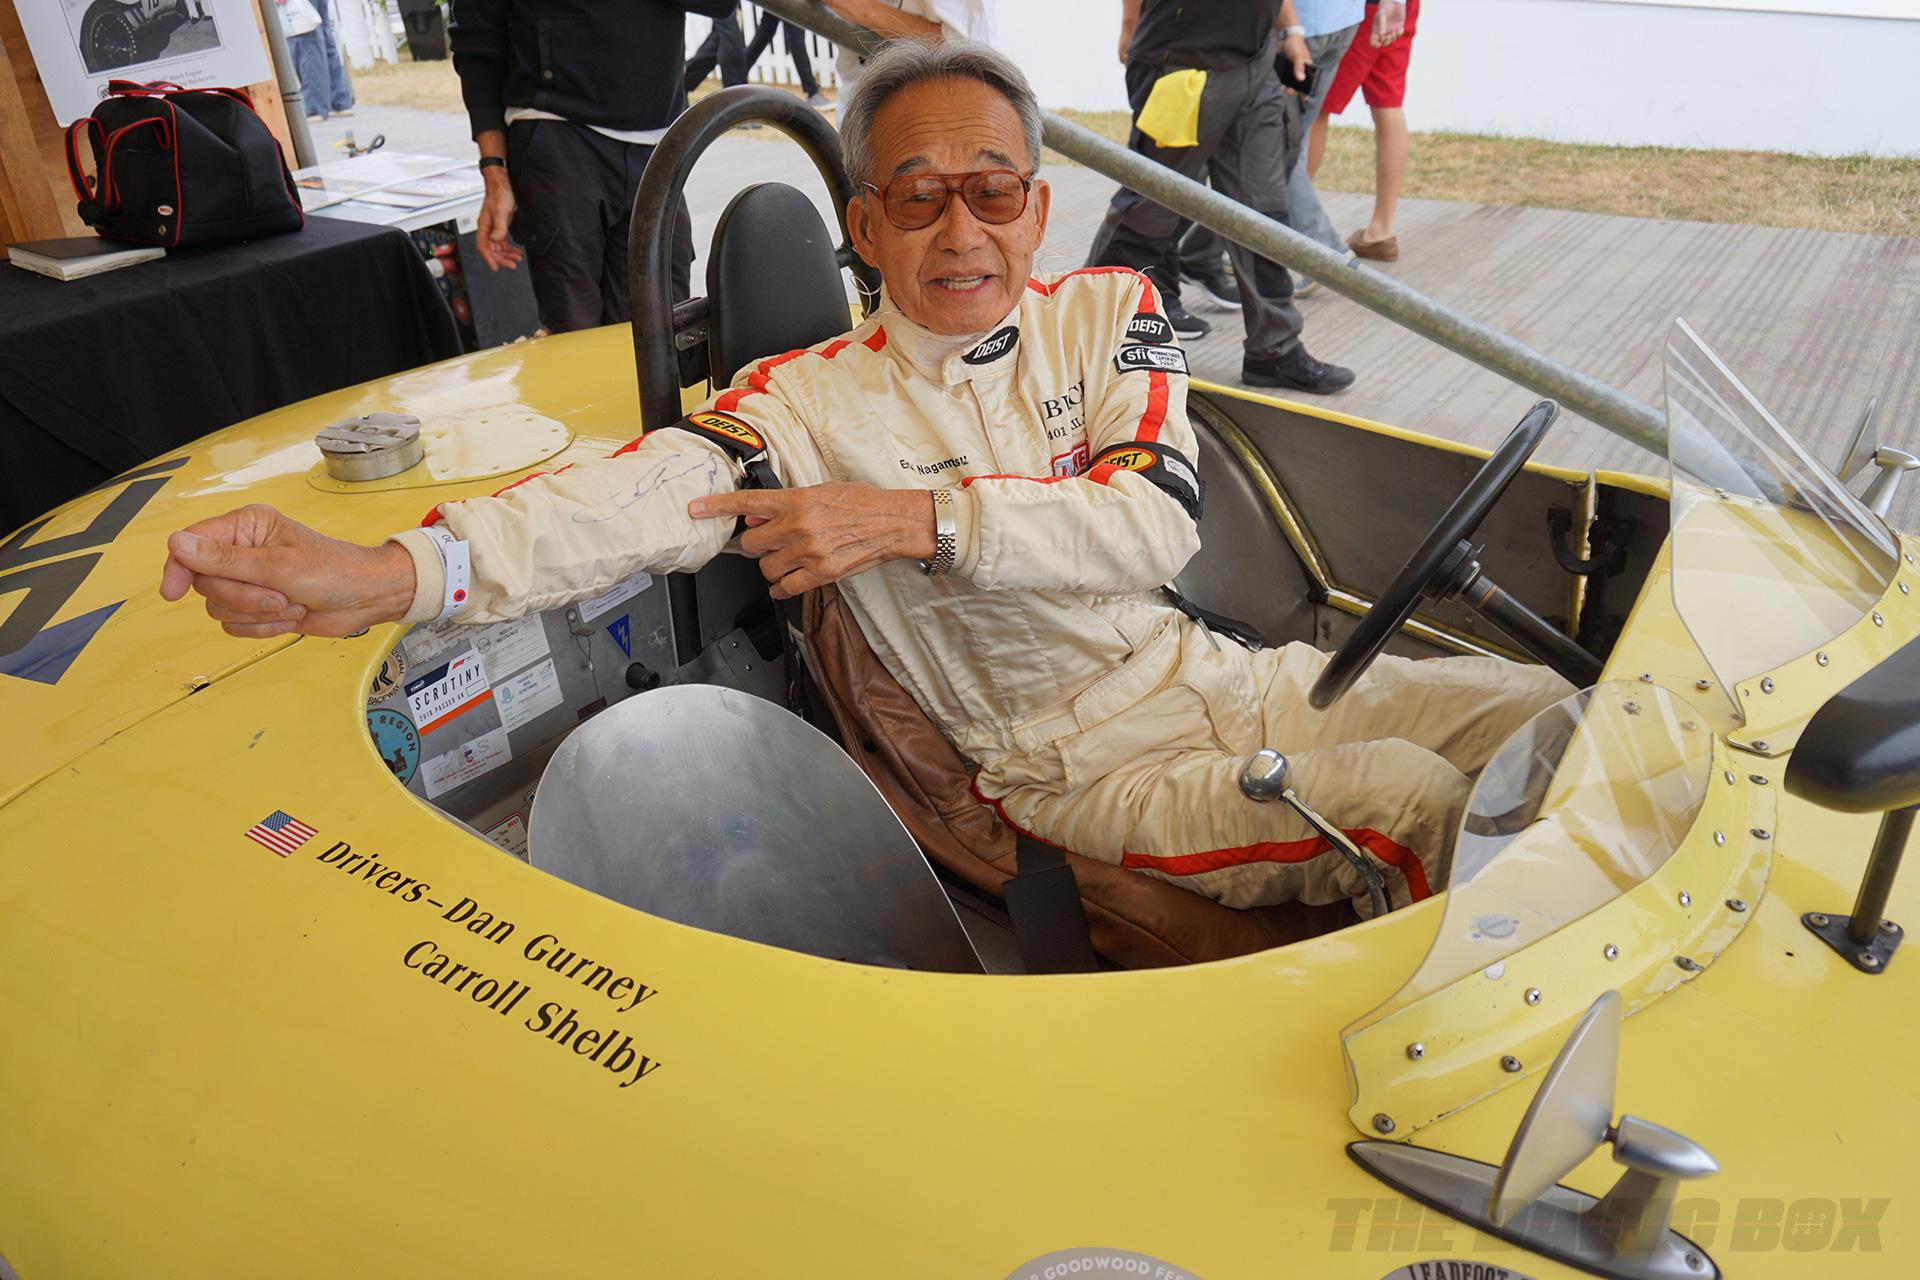 Goodwood FOS, Autographed Race Suit